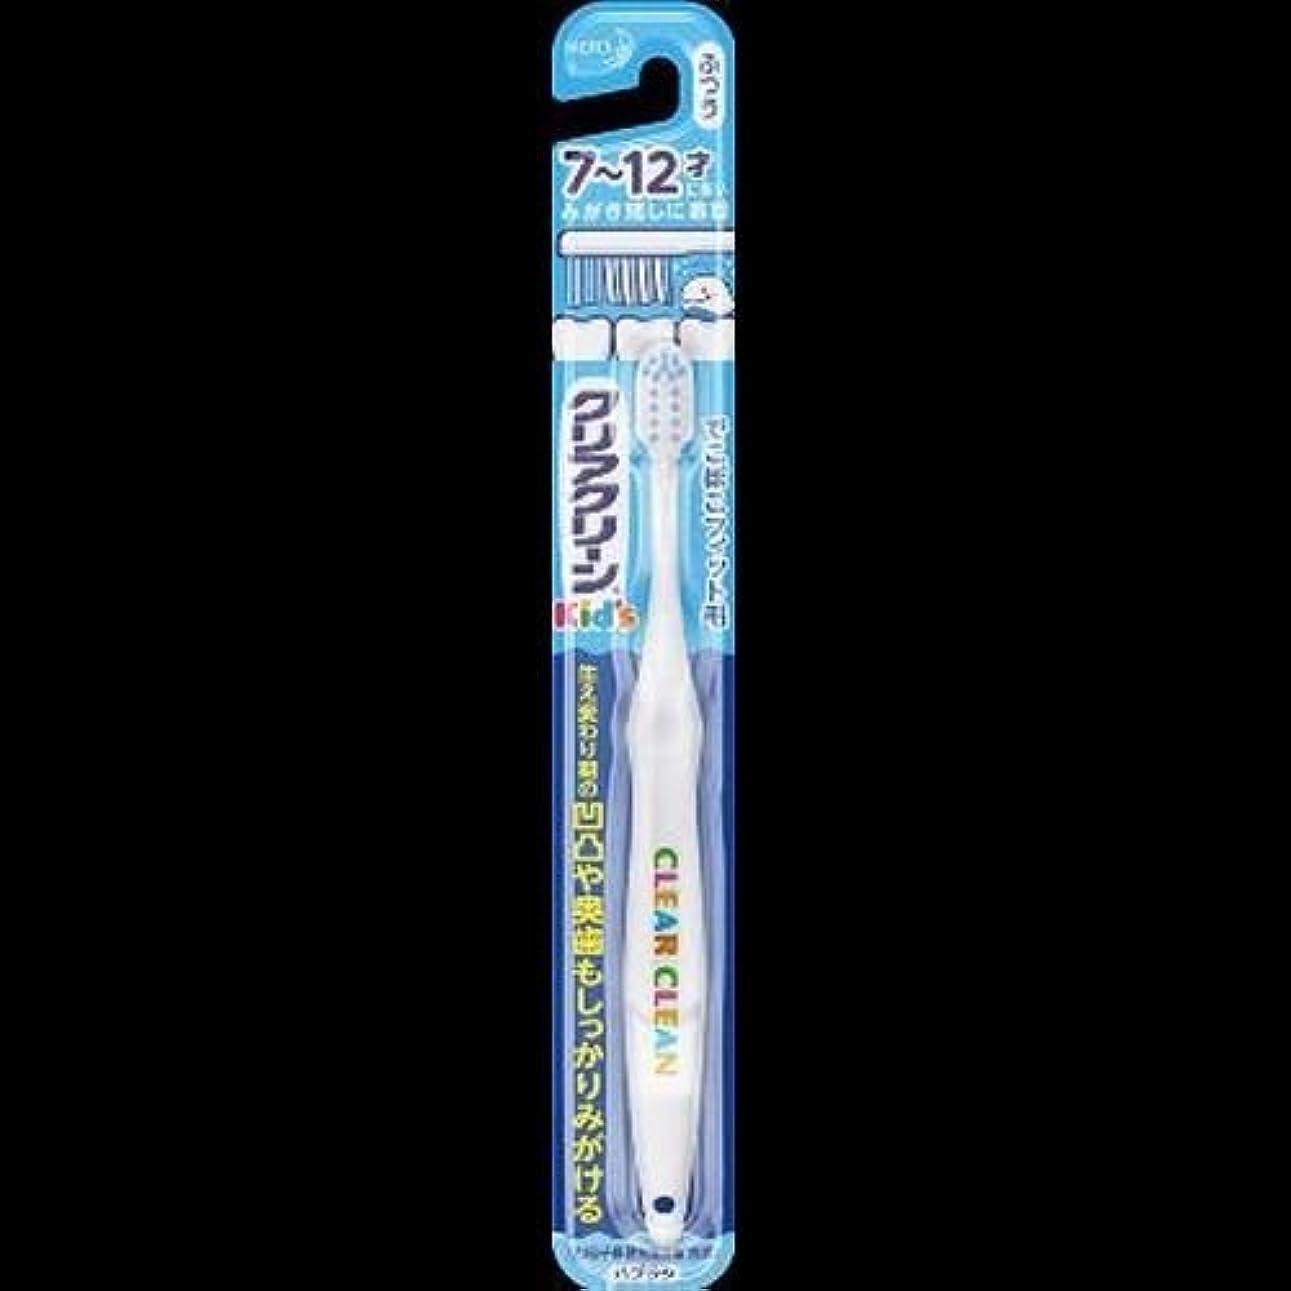 ライトニング会社発掘する【まとめ買い】クリアクリーン Kid's ハブラシ7~12才向け 1本 ×2セット